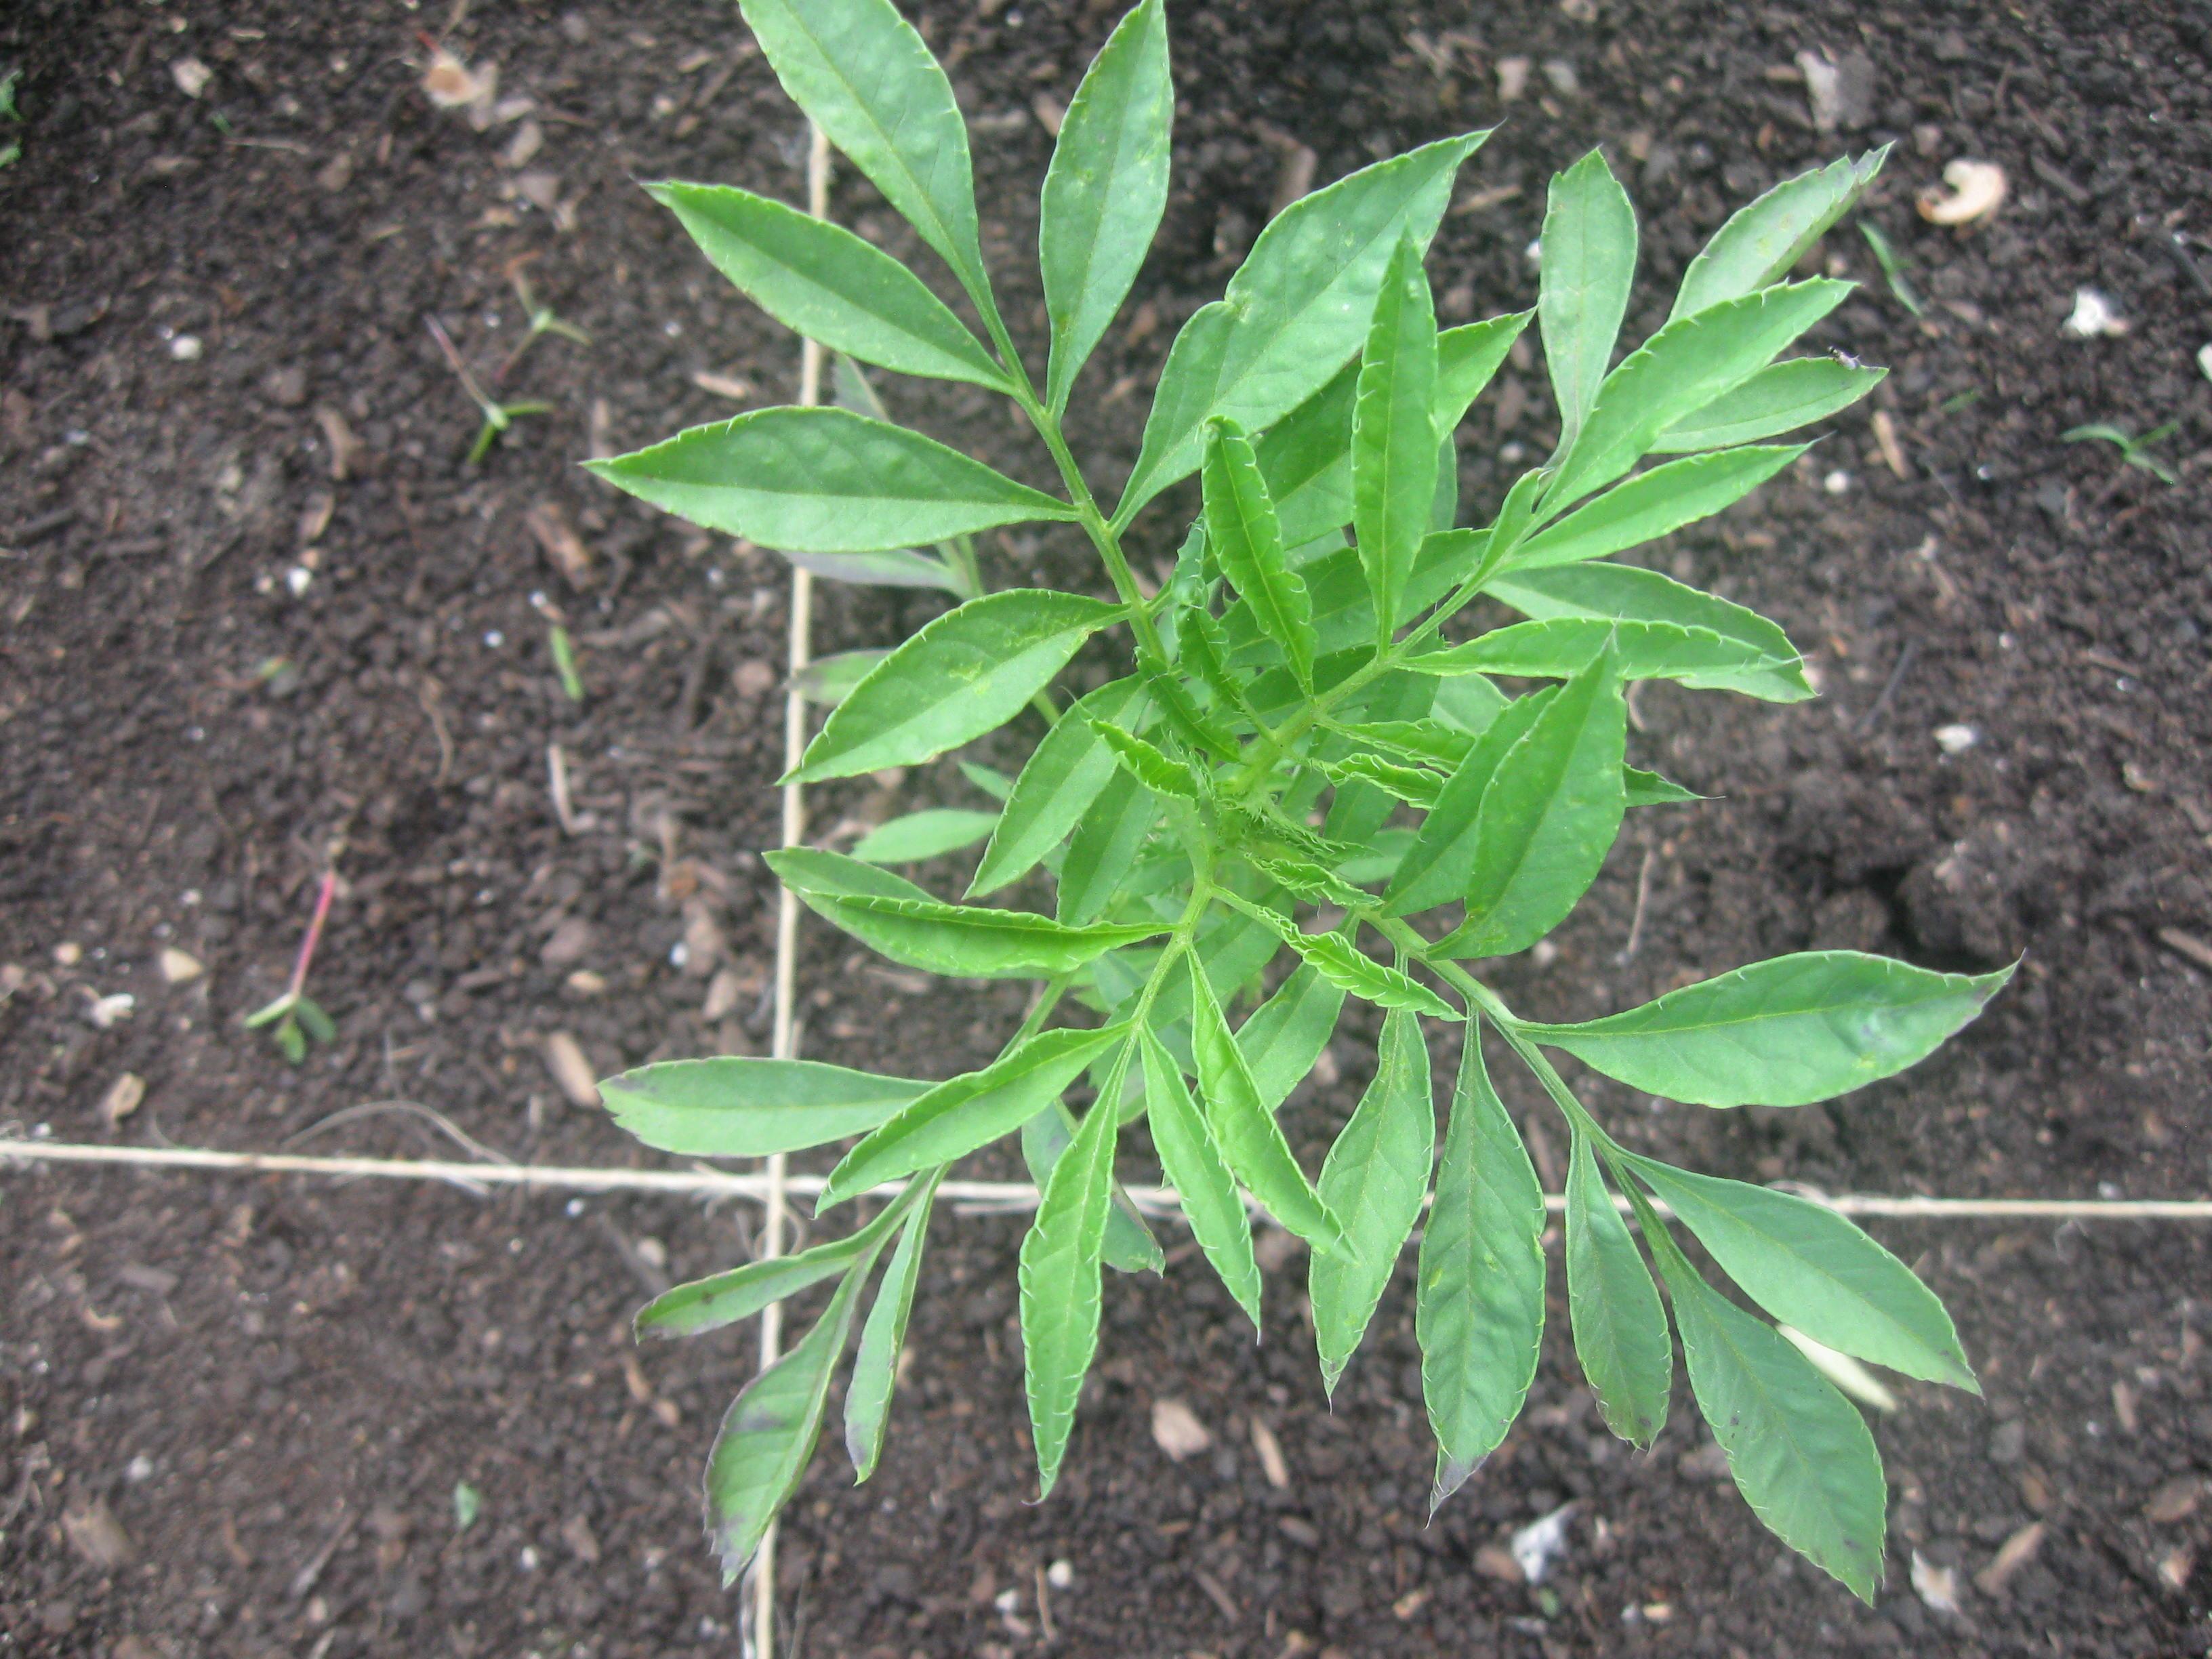 Marigold or ragweed? | DirtyGreenThumb